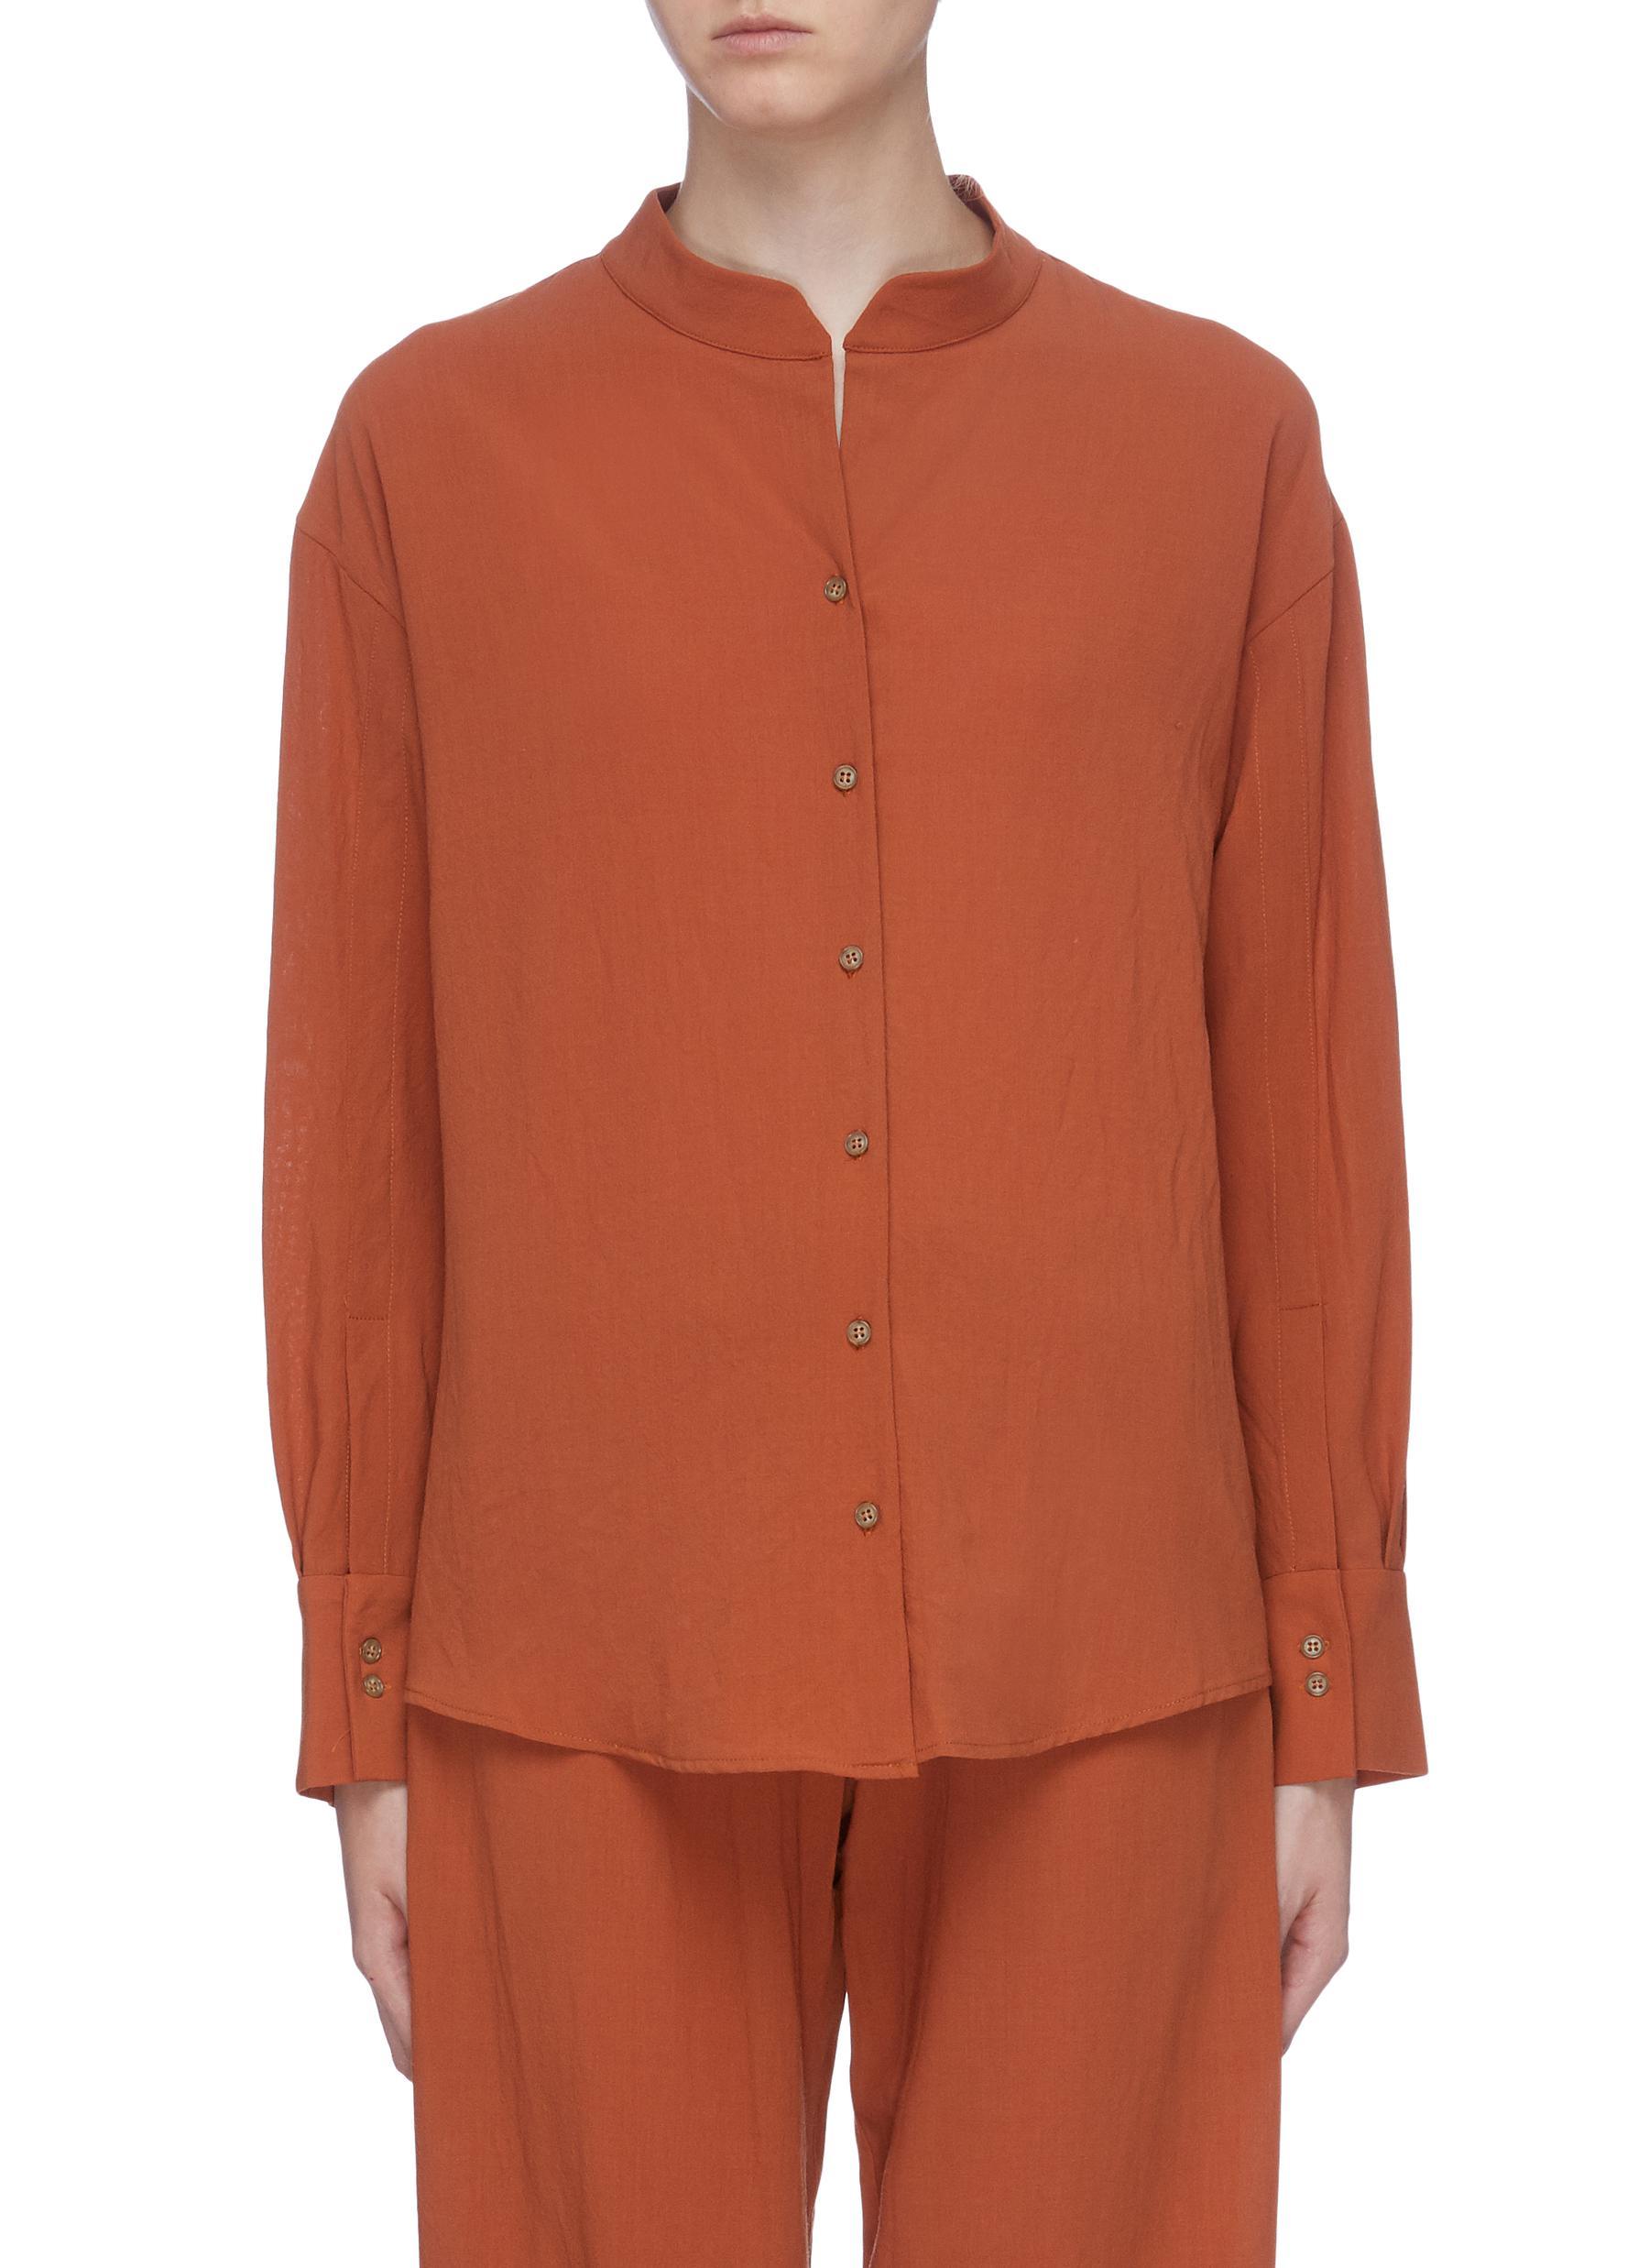 Mandarin collar wool shirt by Thomas Puttick